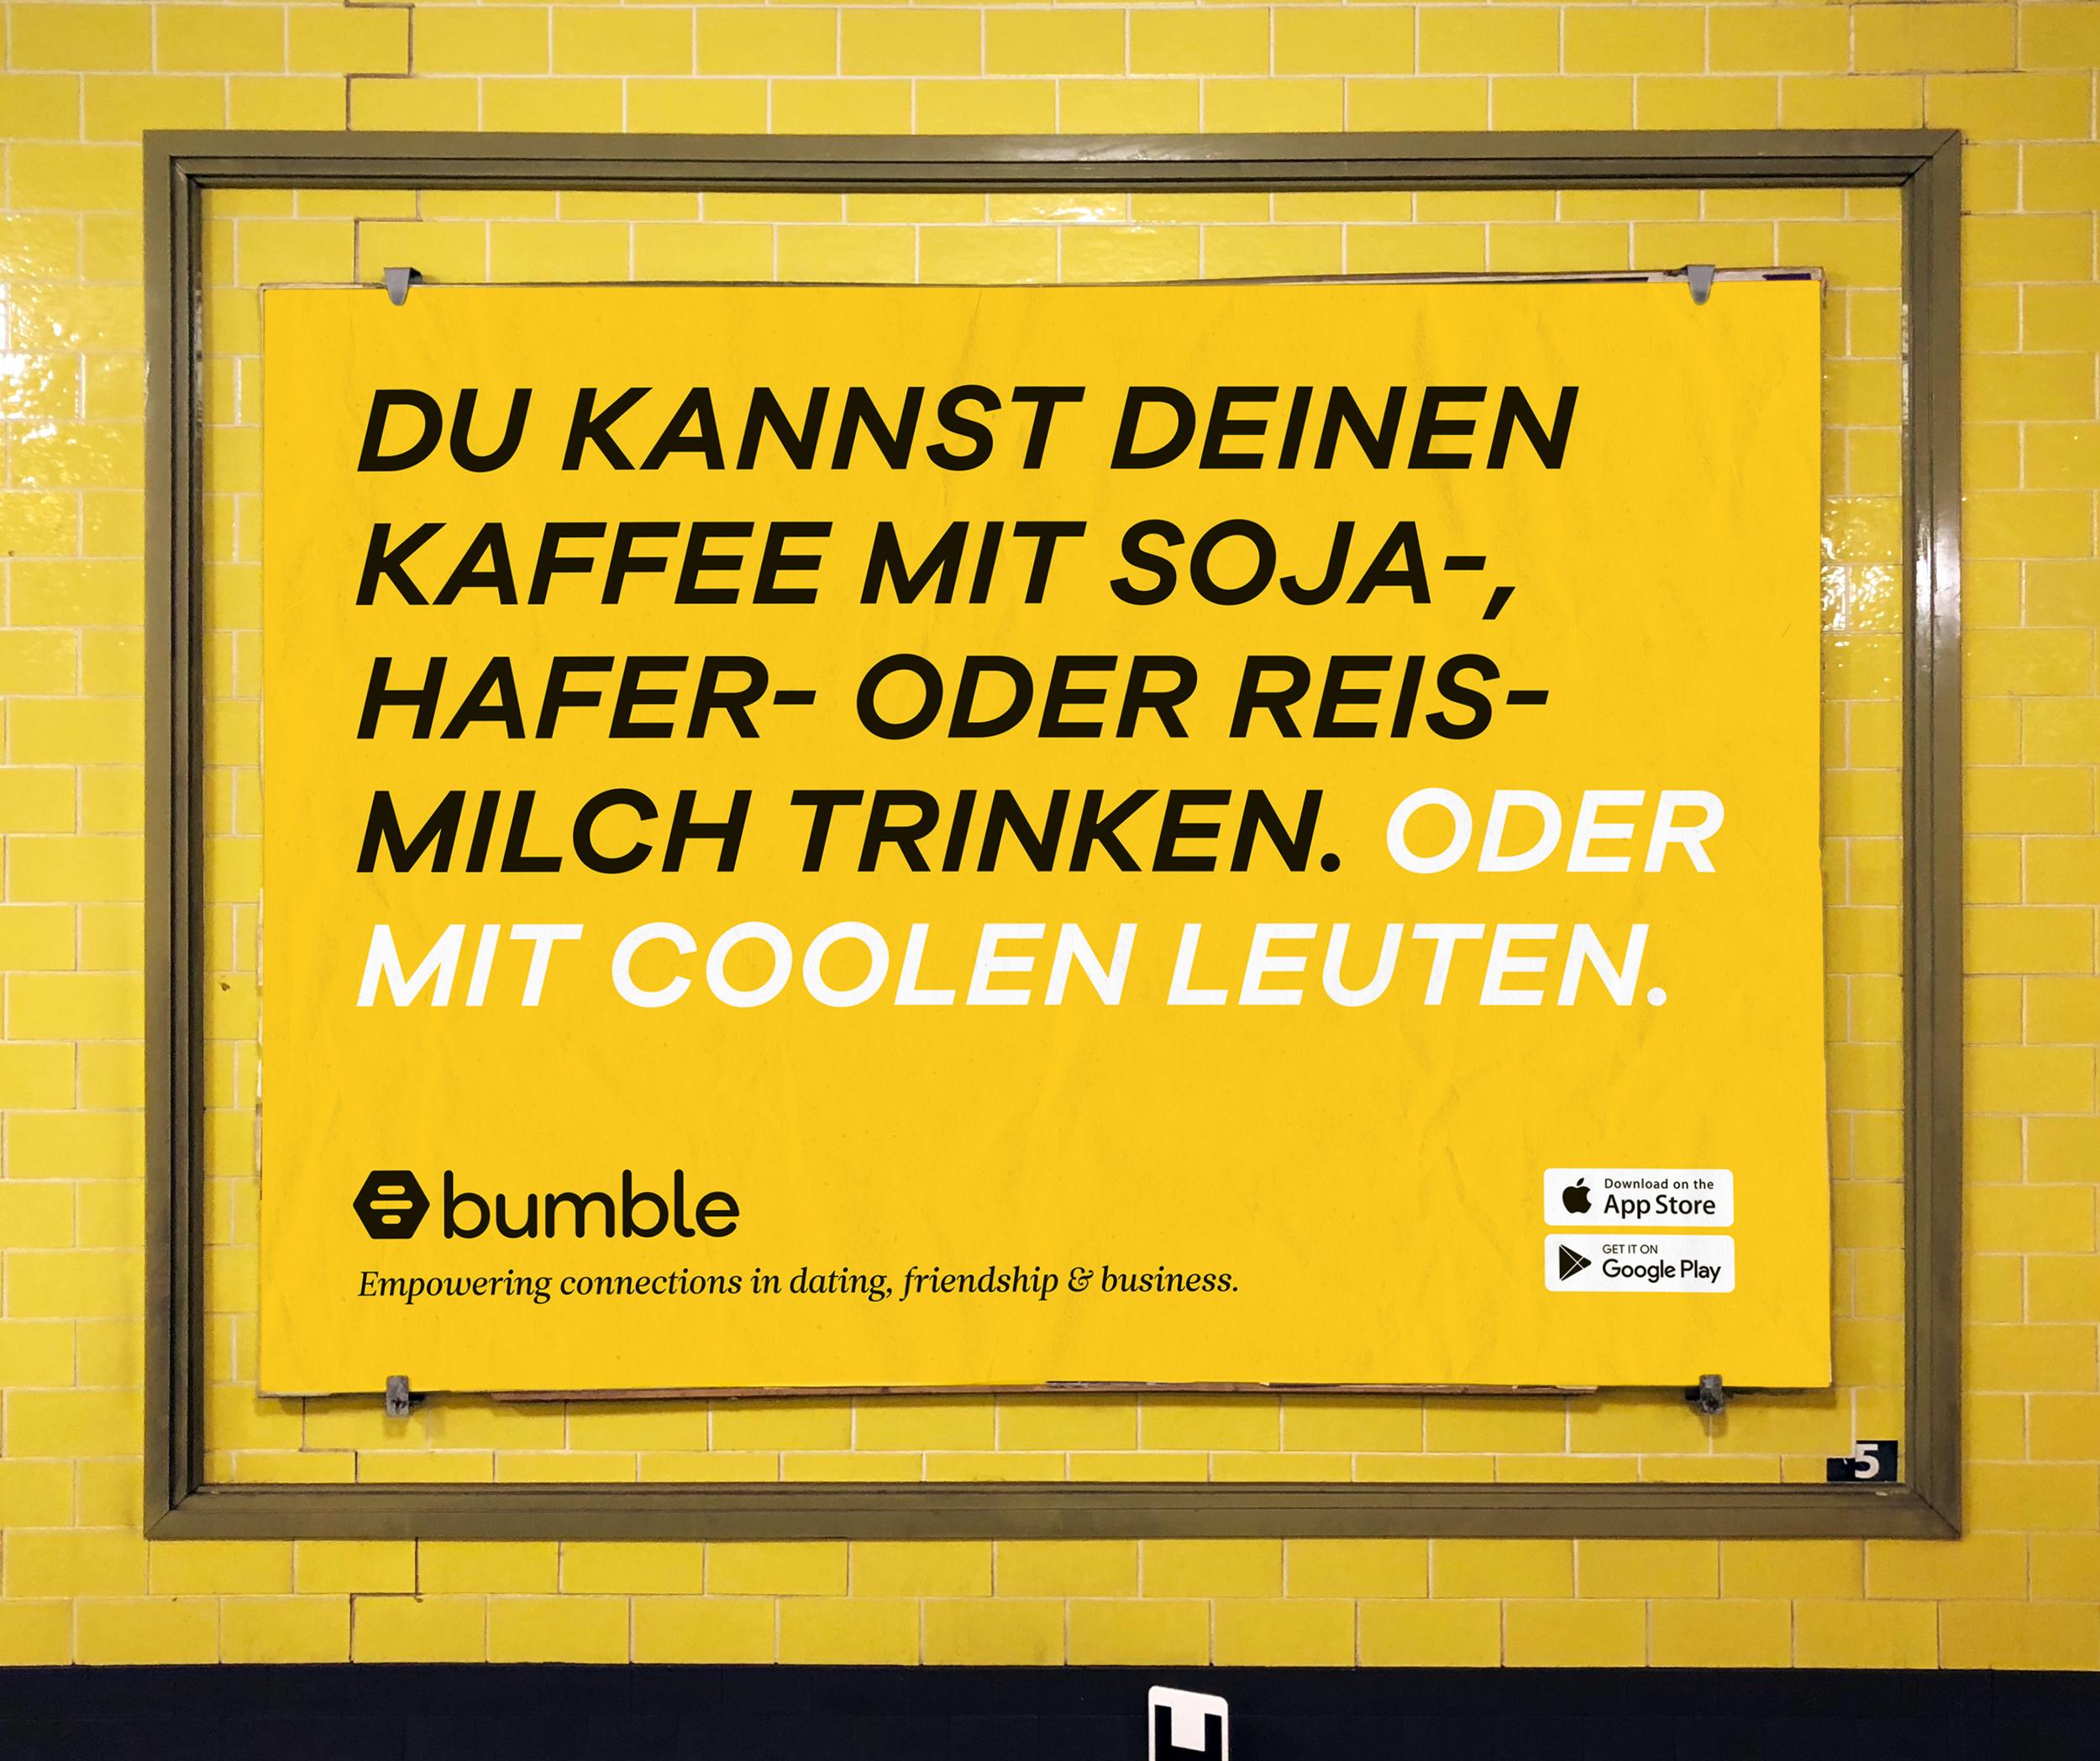 Bumble - Dejta, trffas, ntverka